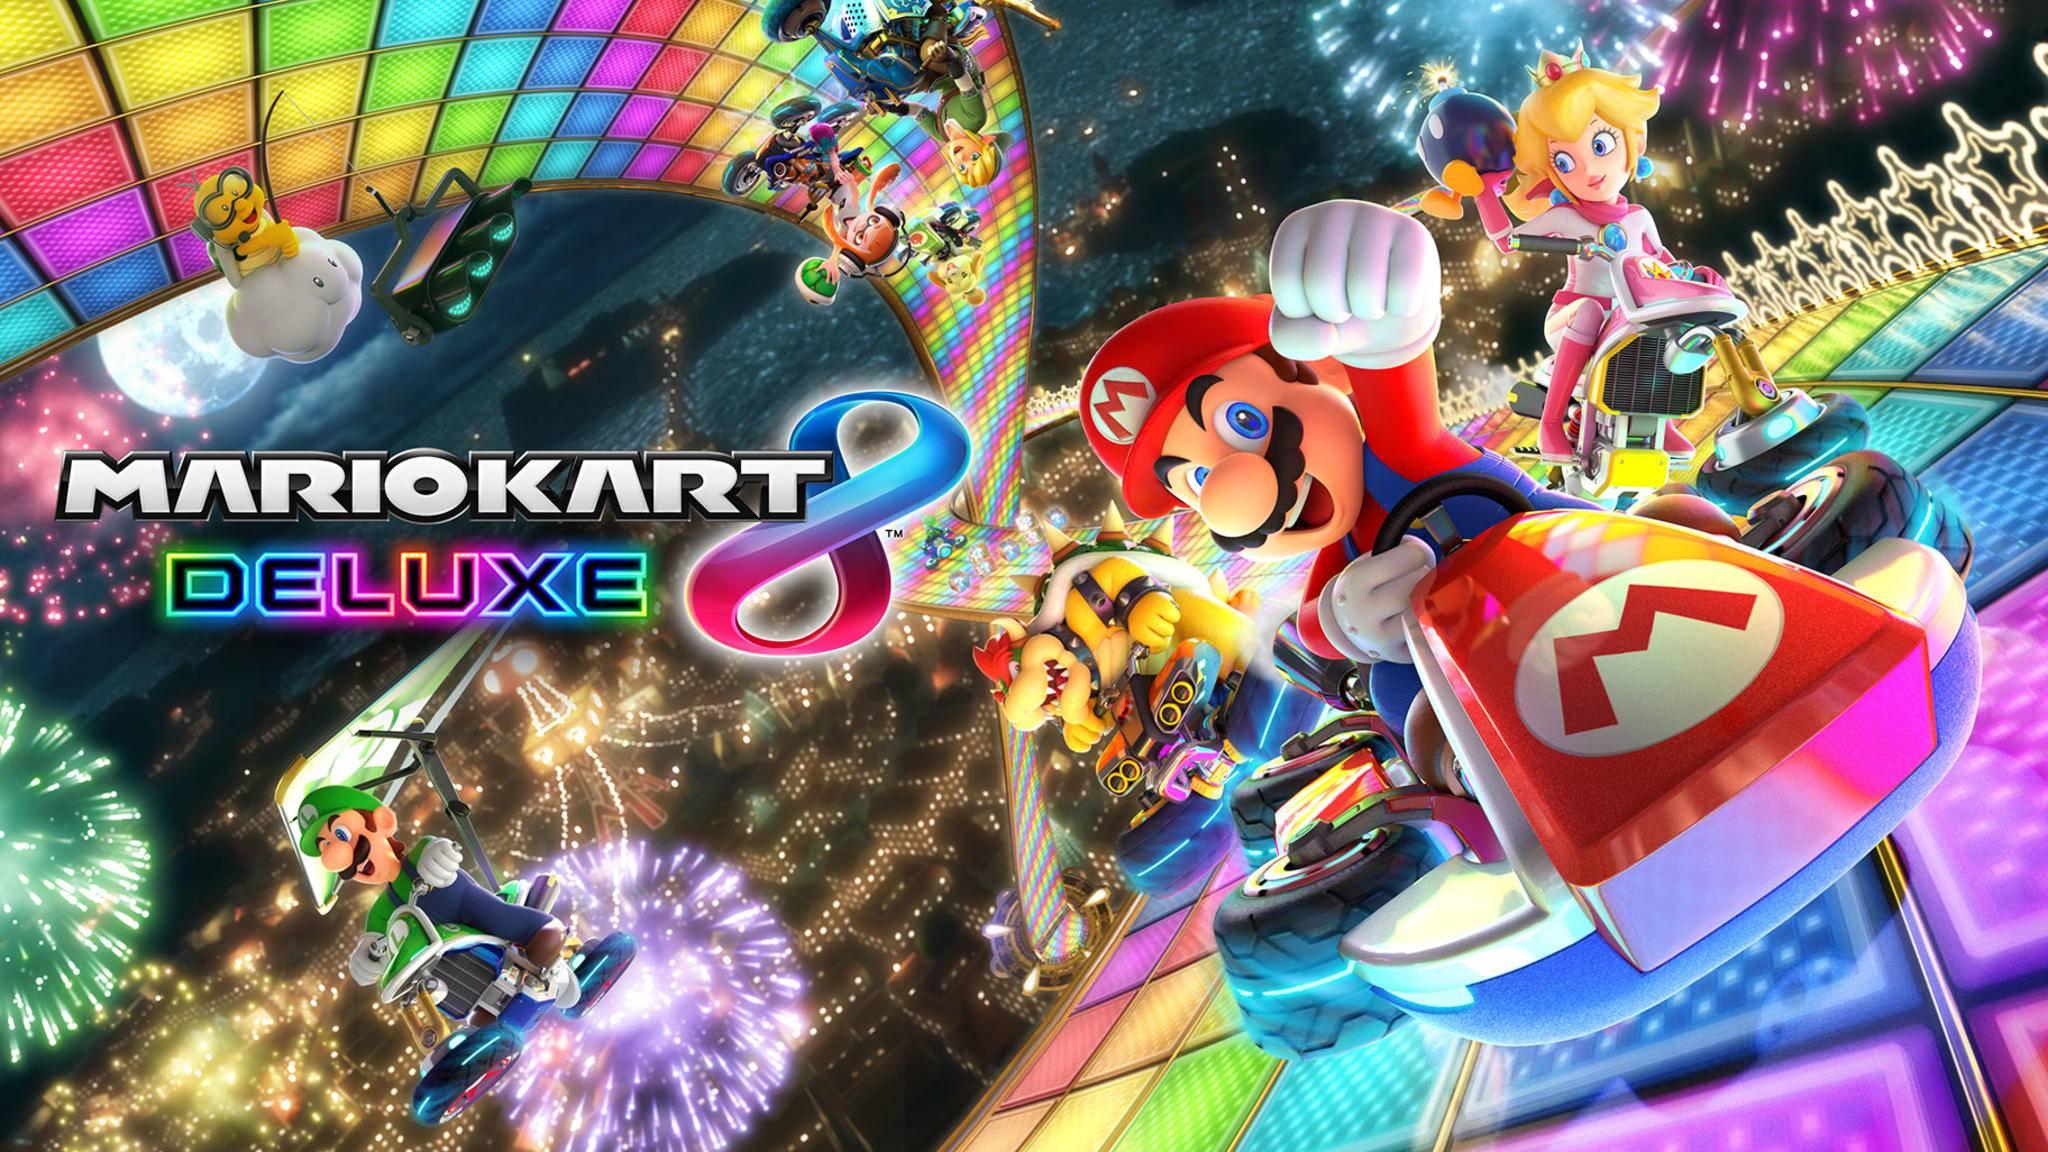 """Fahrvergnügen für die ganze Familie: """"Mario Kart 8 Deluxe""""."""